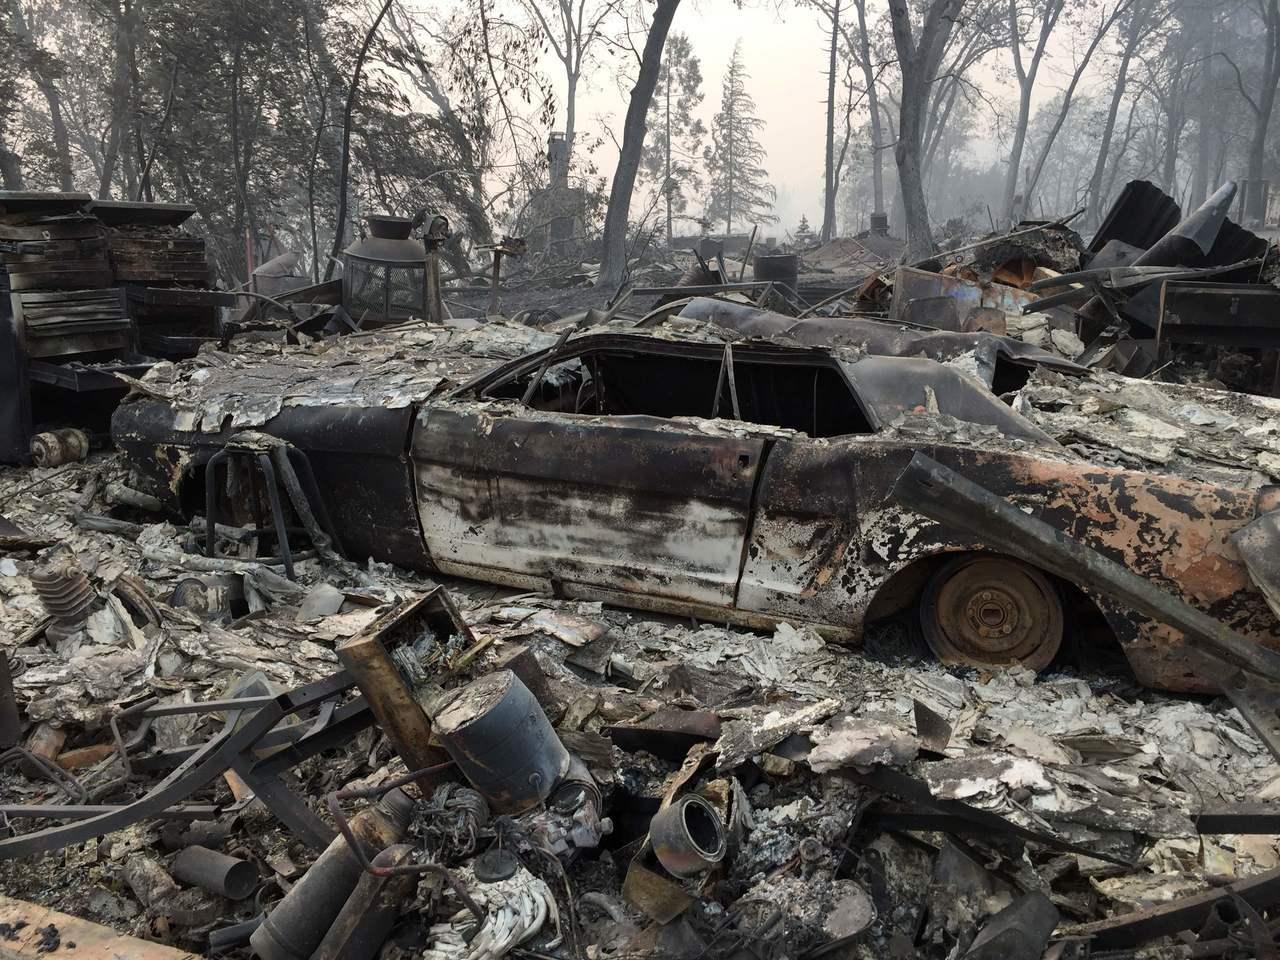 北加州標特郡天堂鎮(Paradise),一週前「坎普野火」(Camp Fire)...